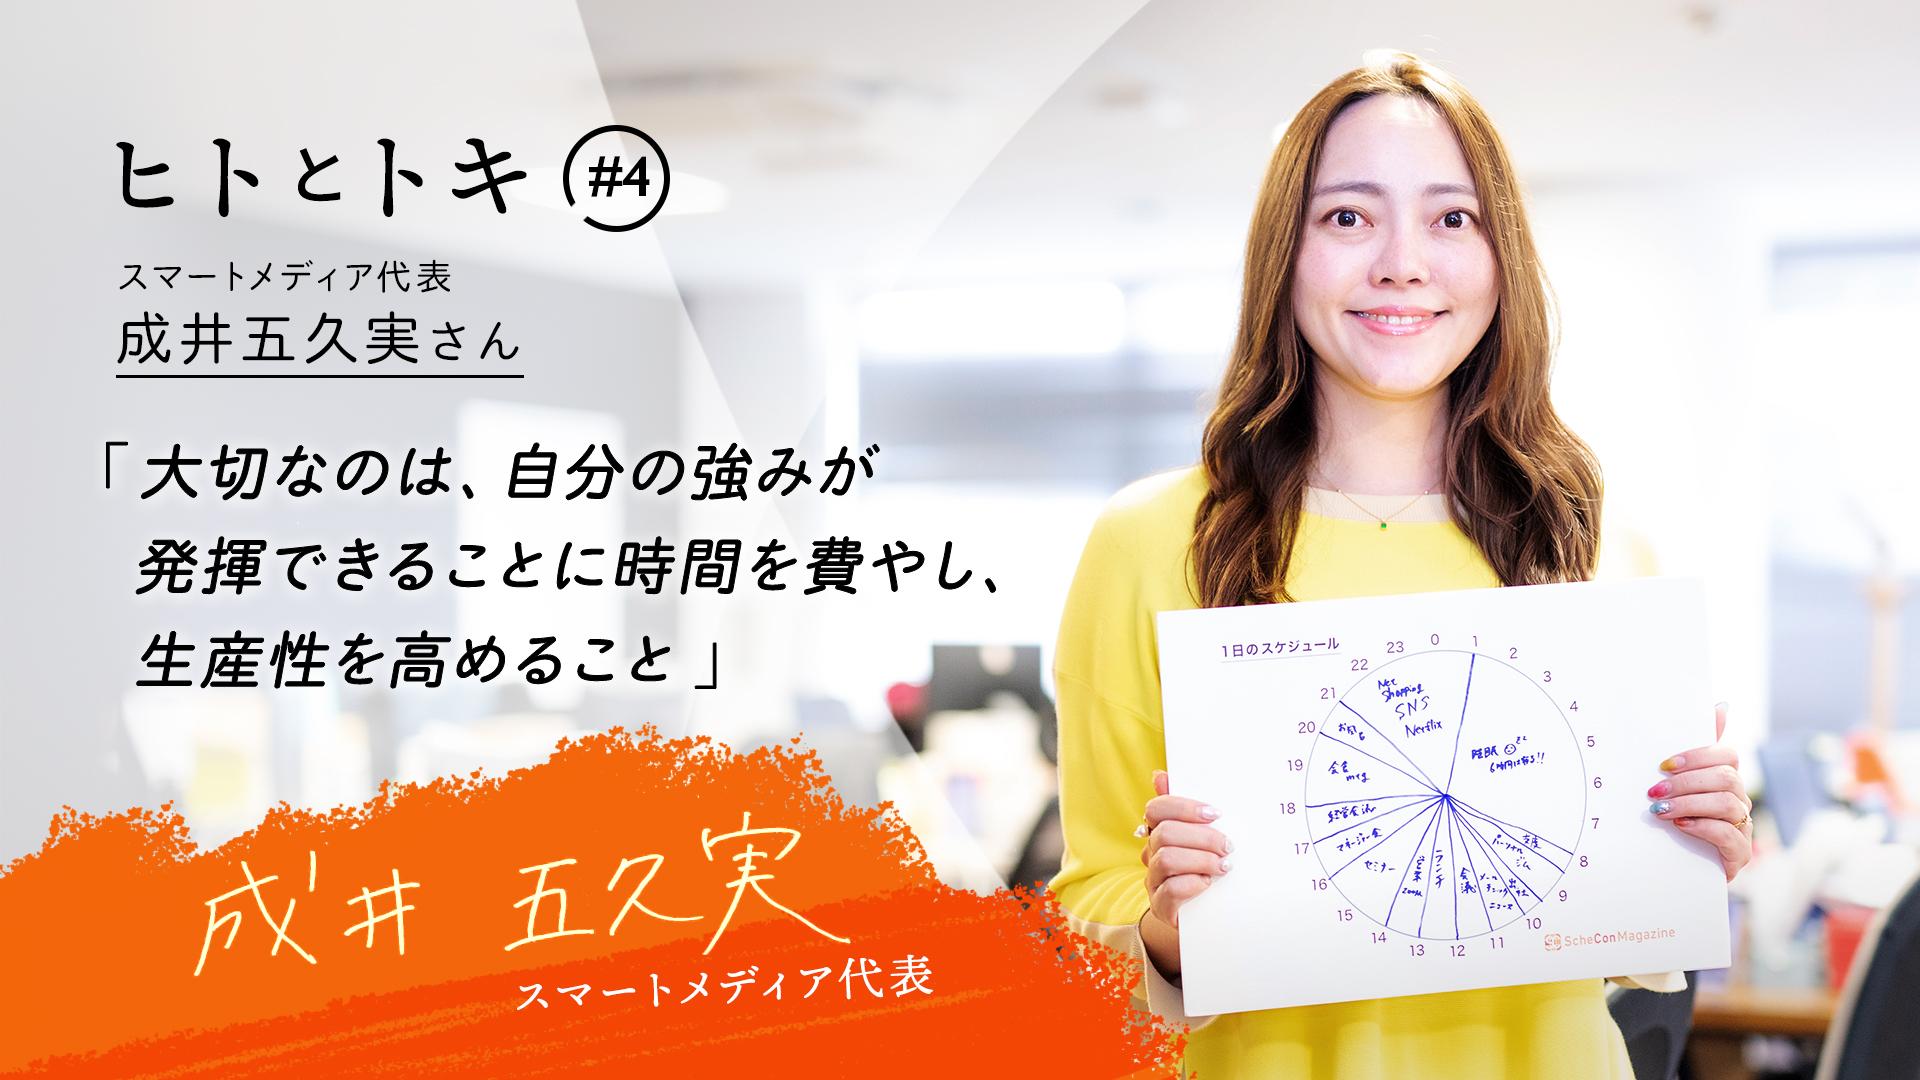 【ヒトとトキ#04】スマートメディア代表・成井五久実さん「大切なのは、自分の強みが発揮できることに時間を費やし、生産性を高めること」